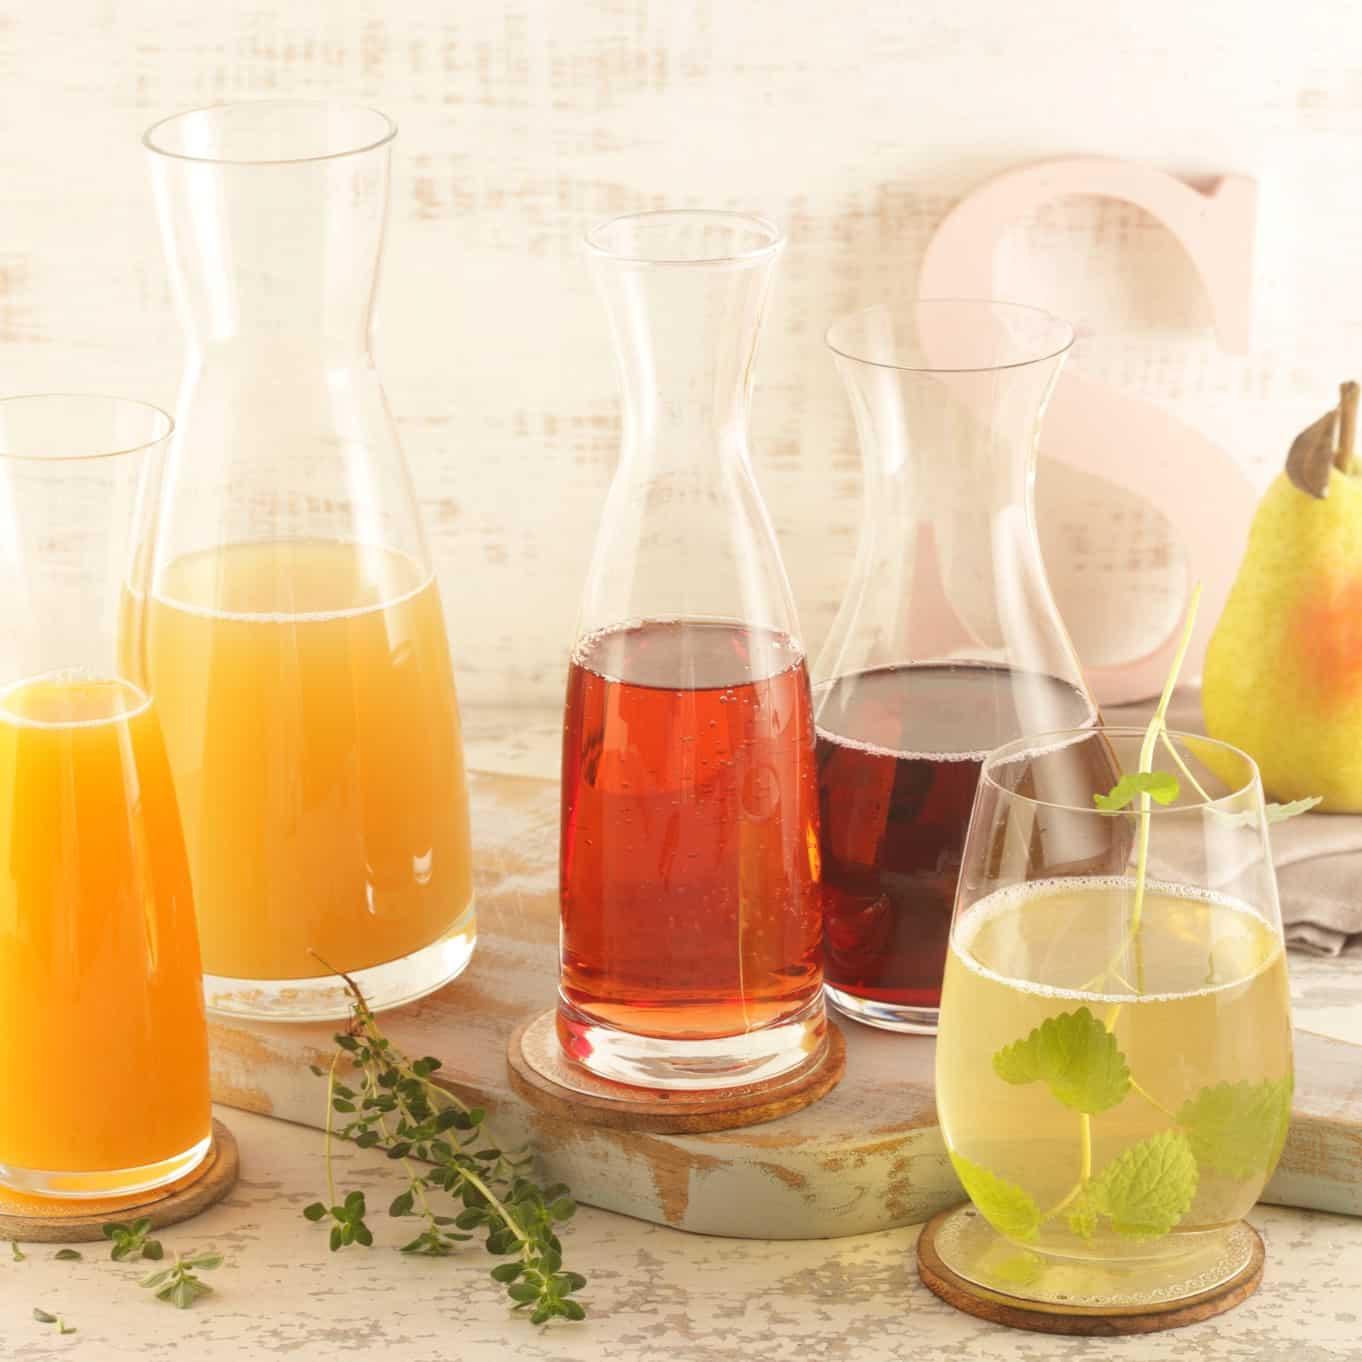 Um einen optimalen Vitamin-C-Spiegel sicherzustellen, sollte man eine bunte Mischung aus Früchten und Gemüse essen und dazu täglich ein 150-ml-Glas 100-prozentigen Saft trinken